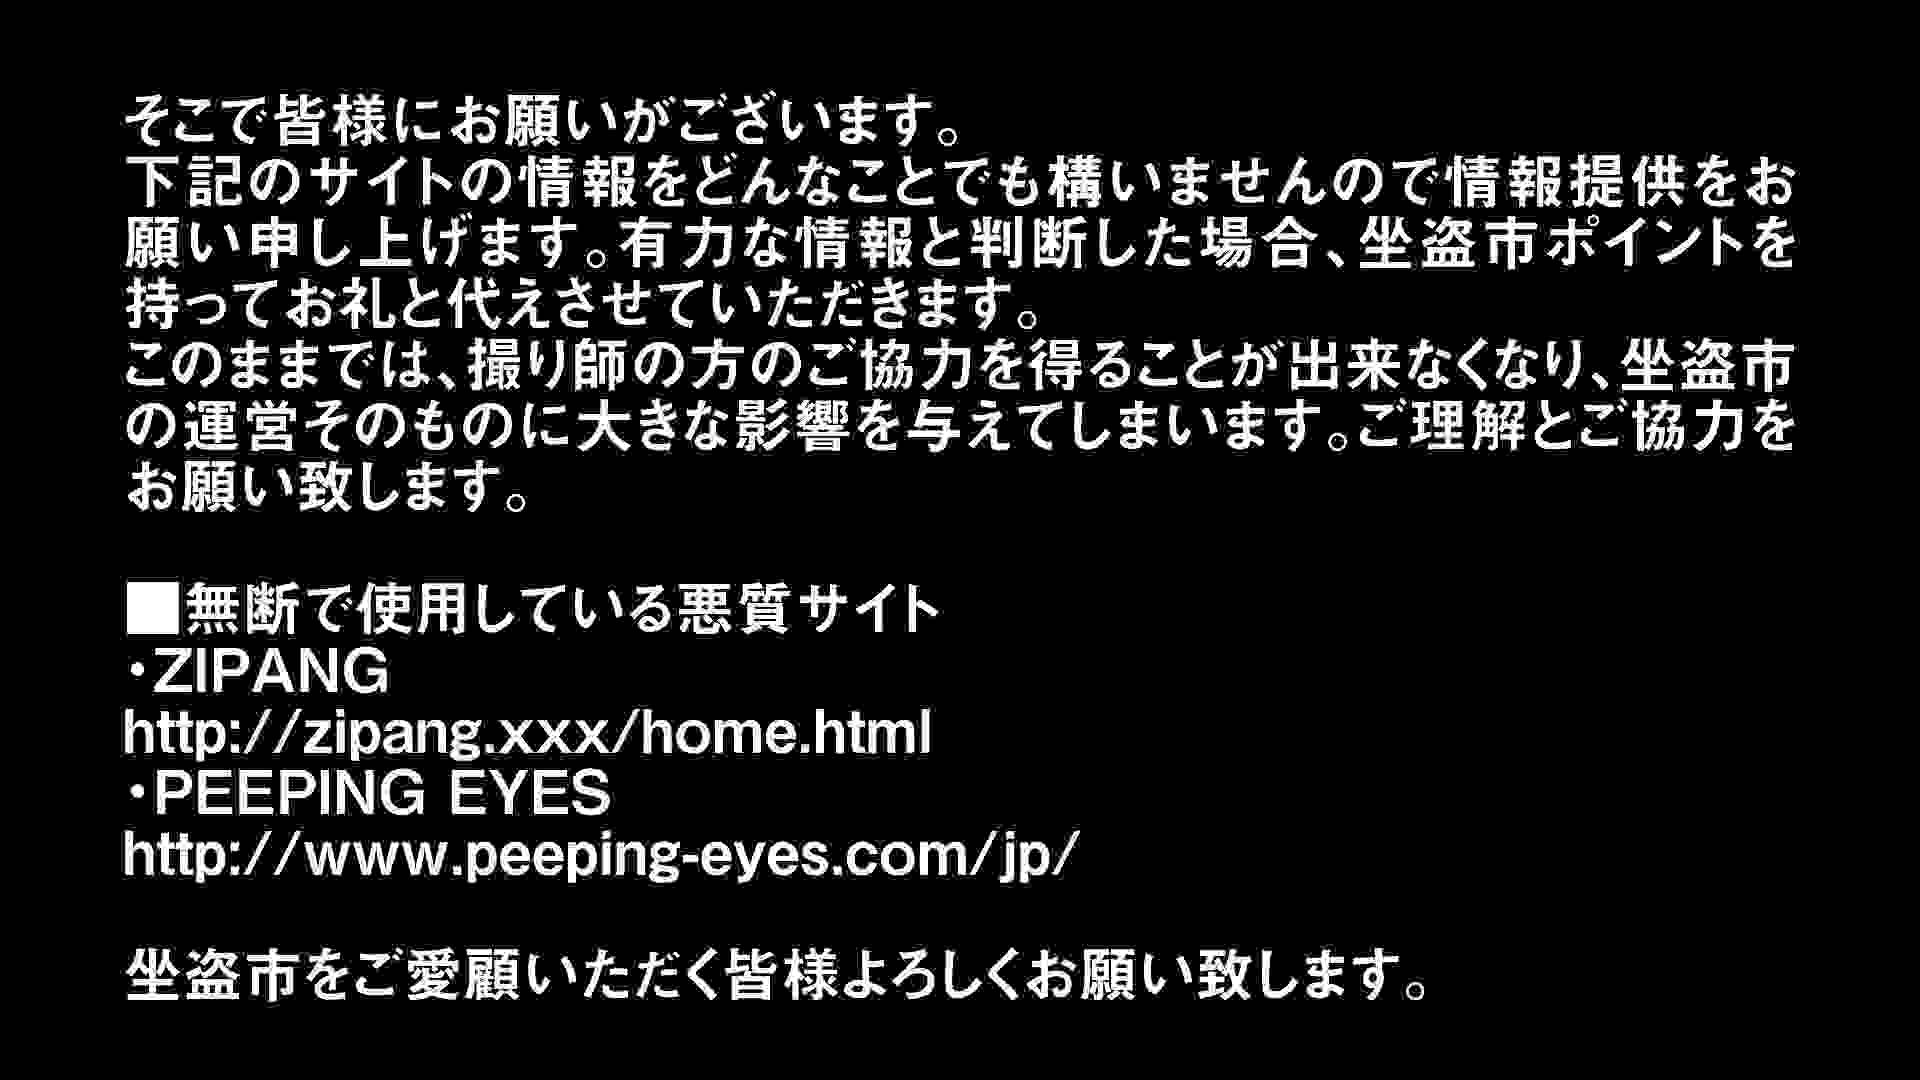 Aquaな露天風呂Vol.296 盗撮シリーズ  102PIX 48